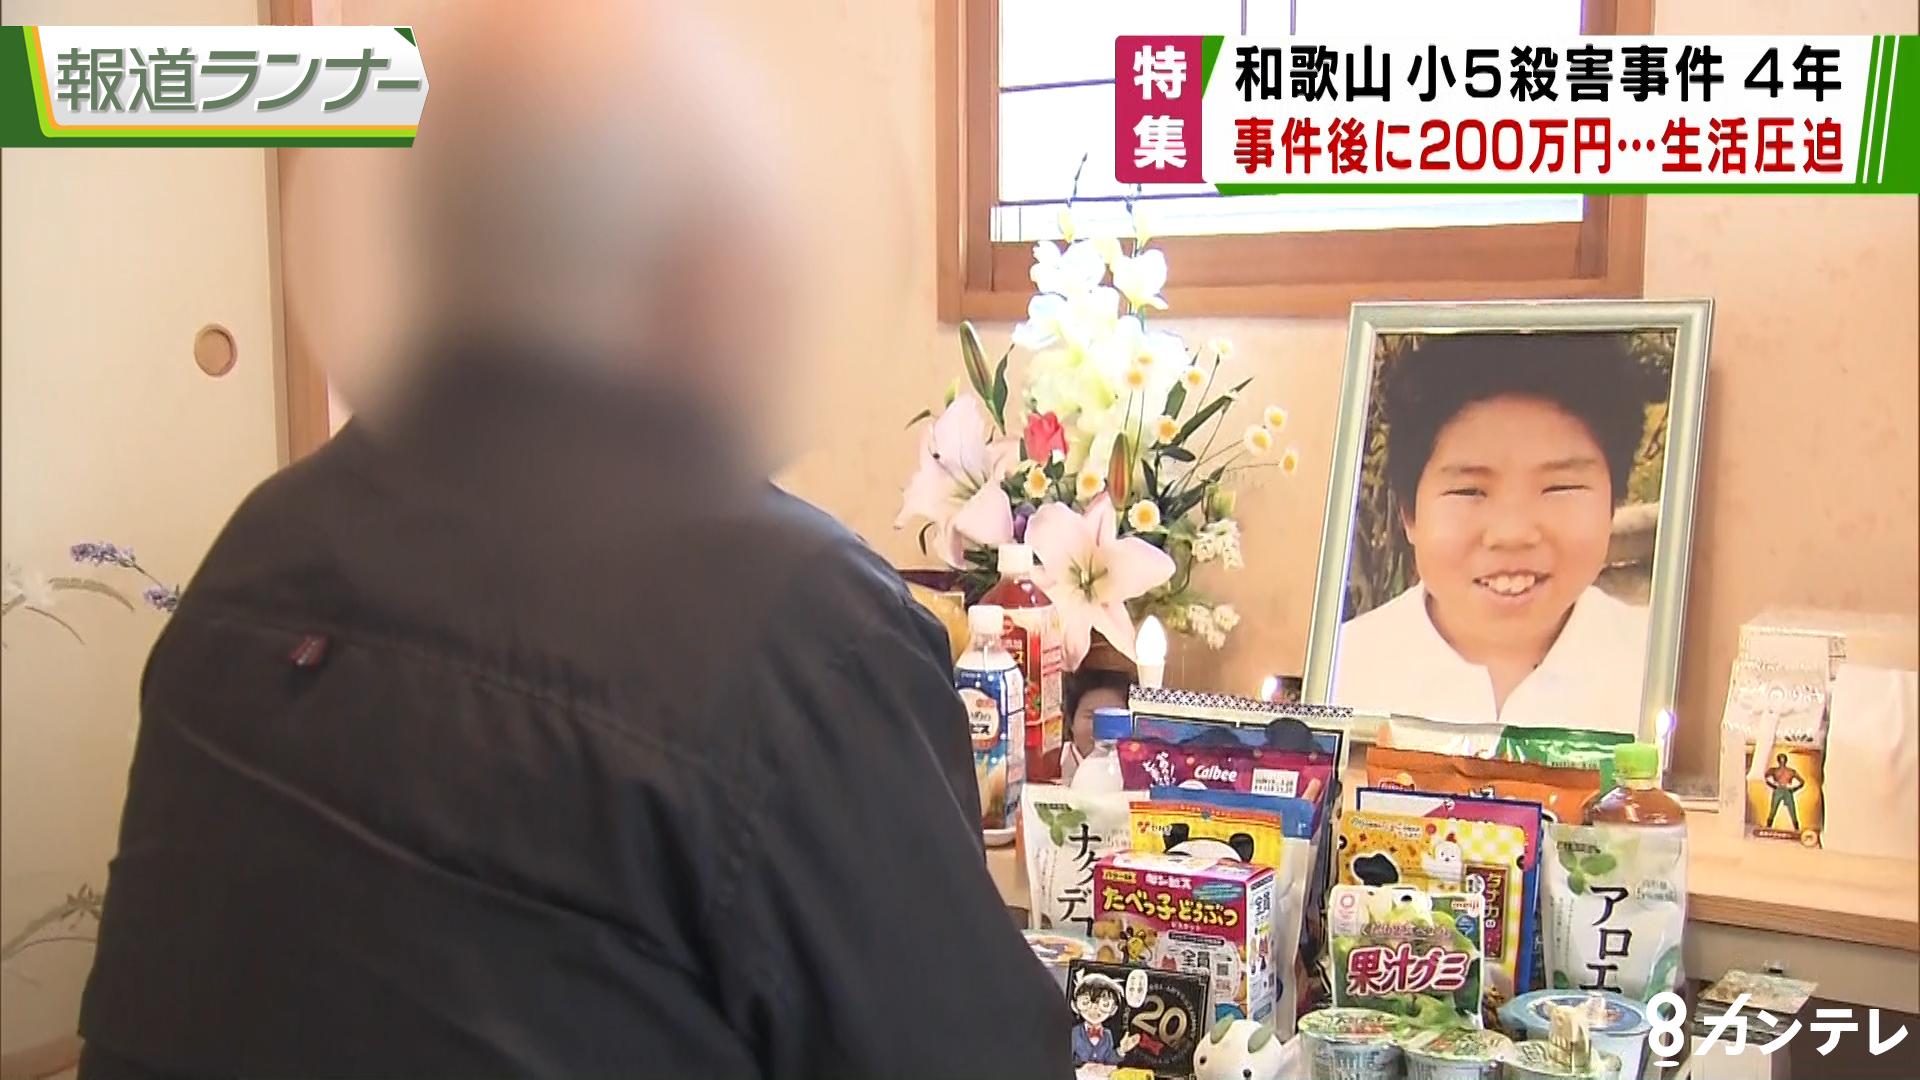 【特集】小5の息子を殺害された遺族に「数百万円」の経済的負担…なぜ? 被害者家族が直面する「現実」